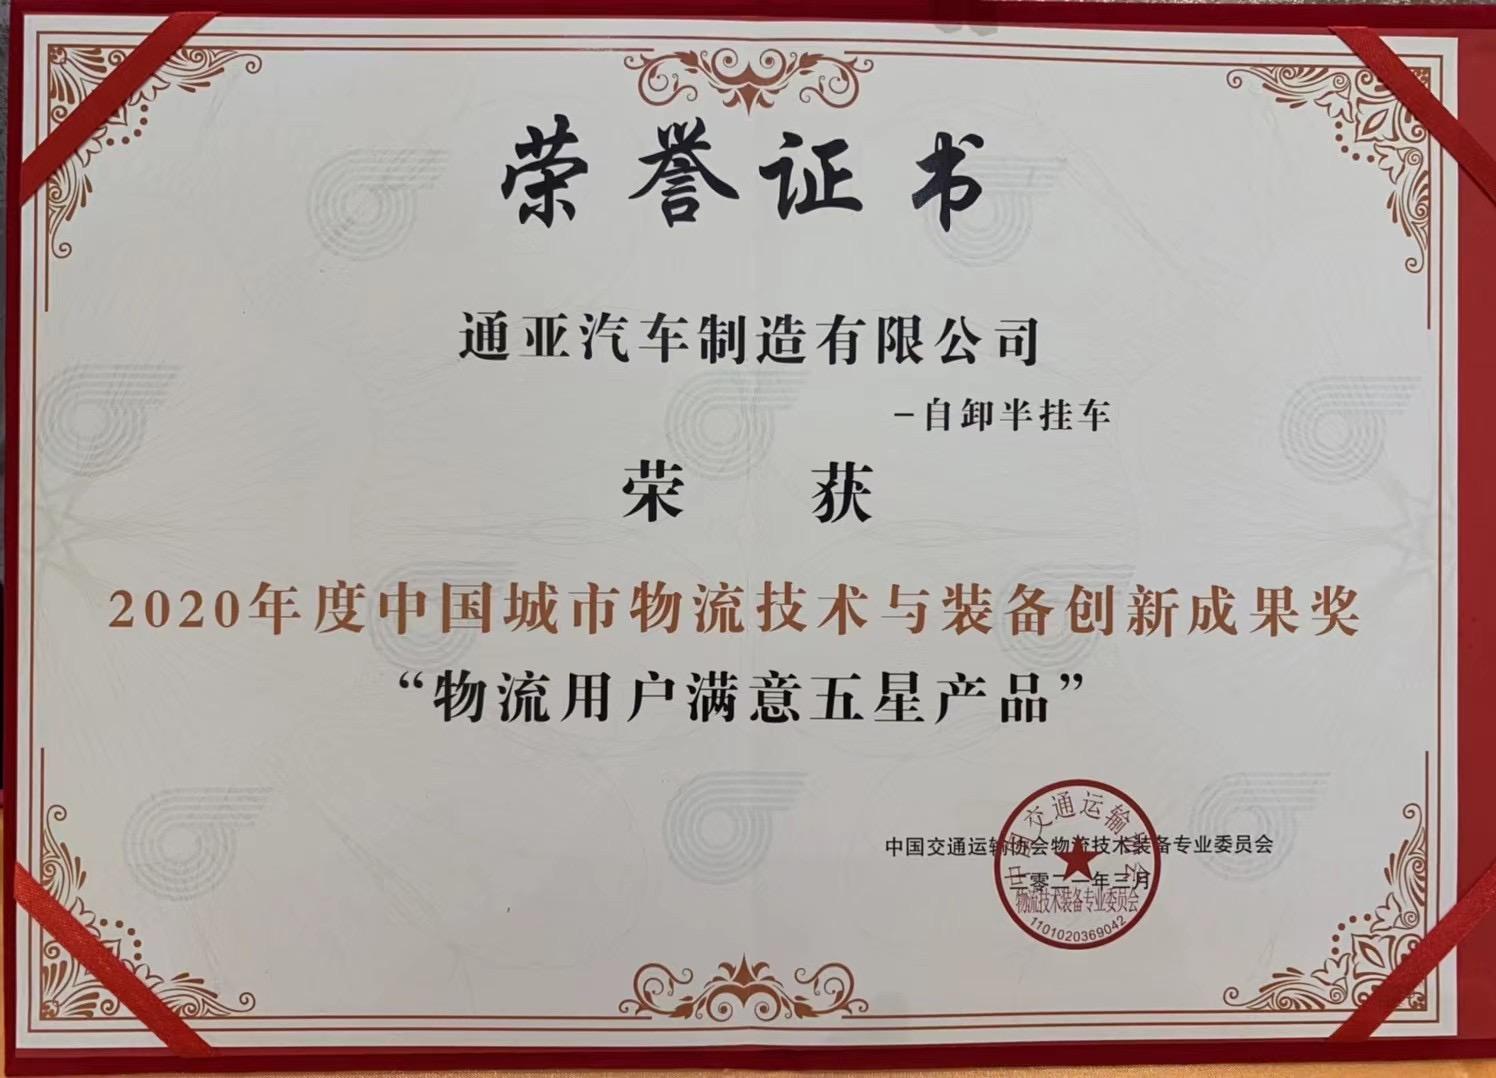 2020年度中国城市物流技术与装备创新成果奖